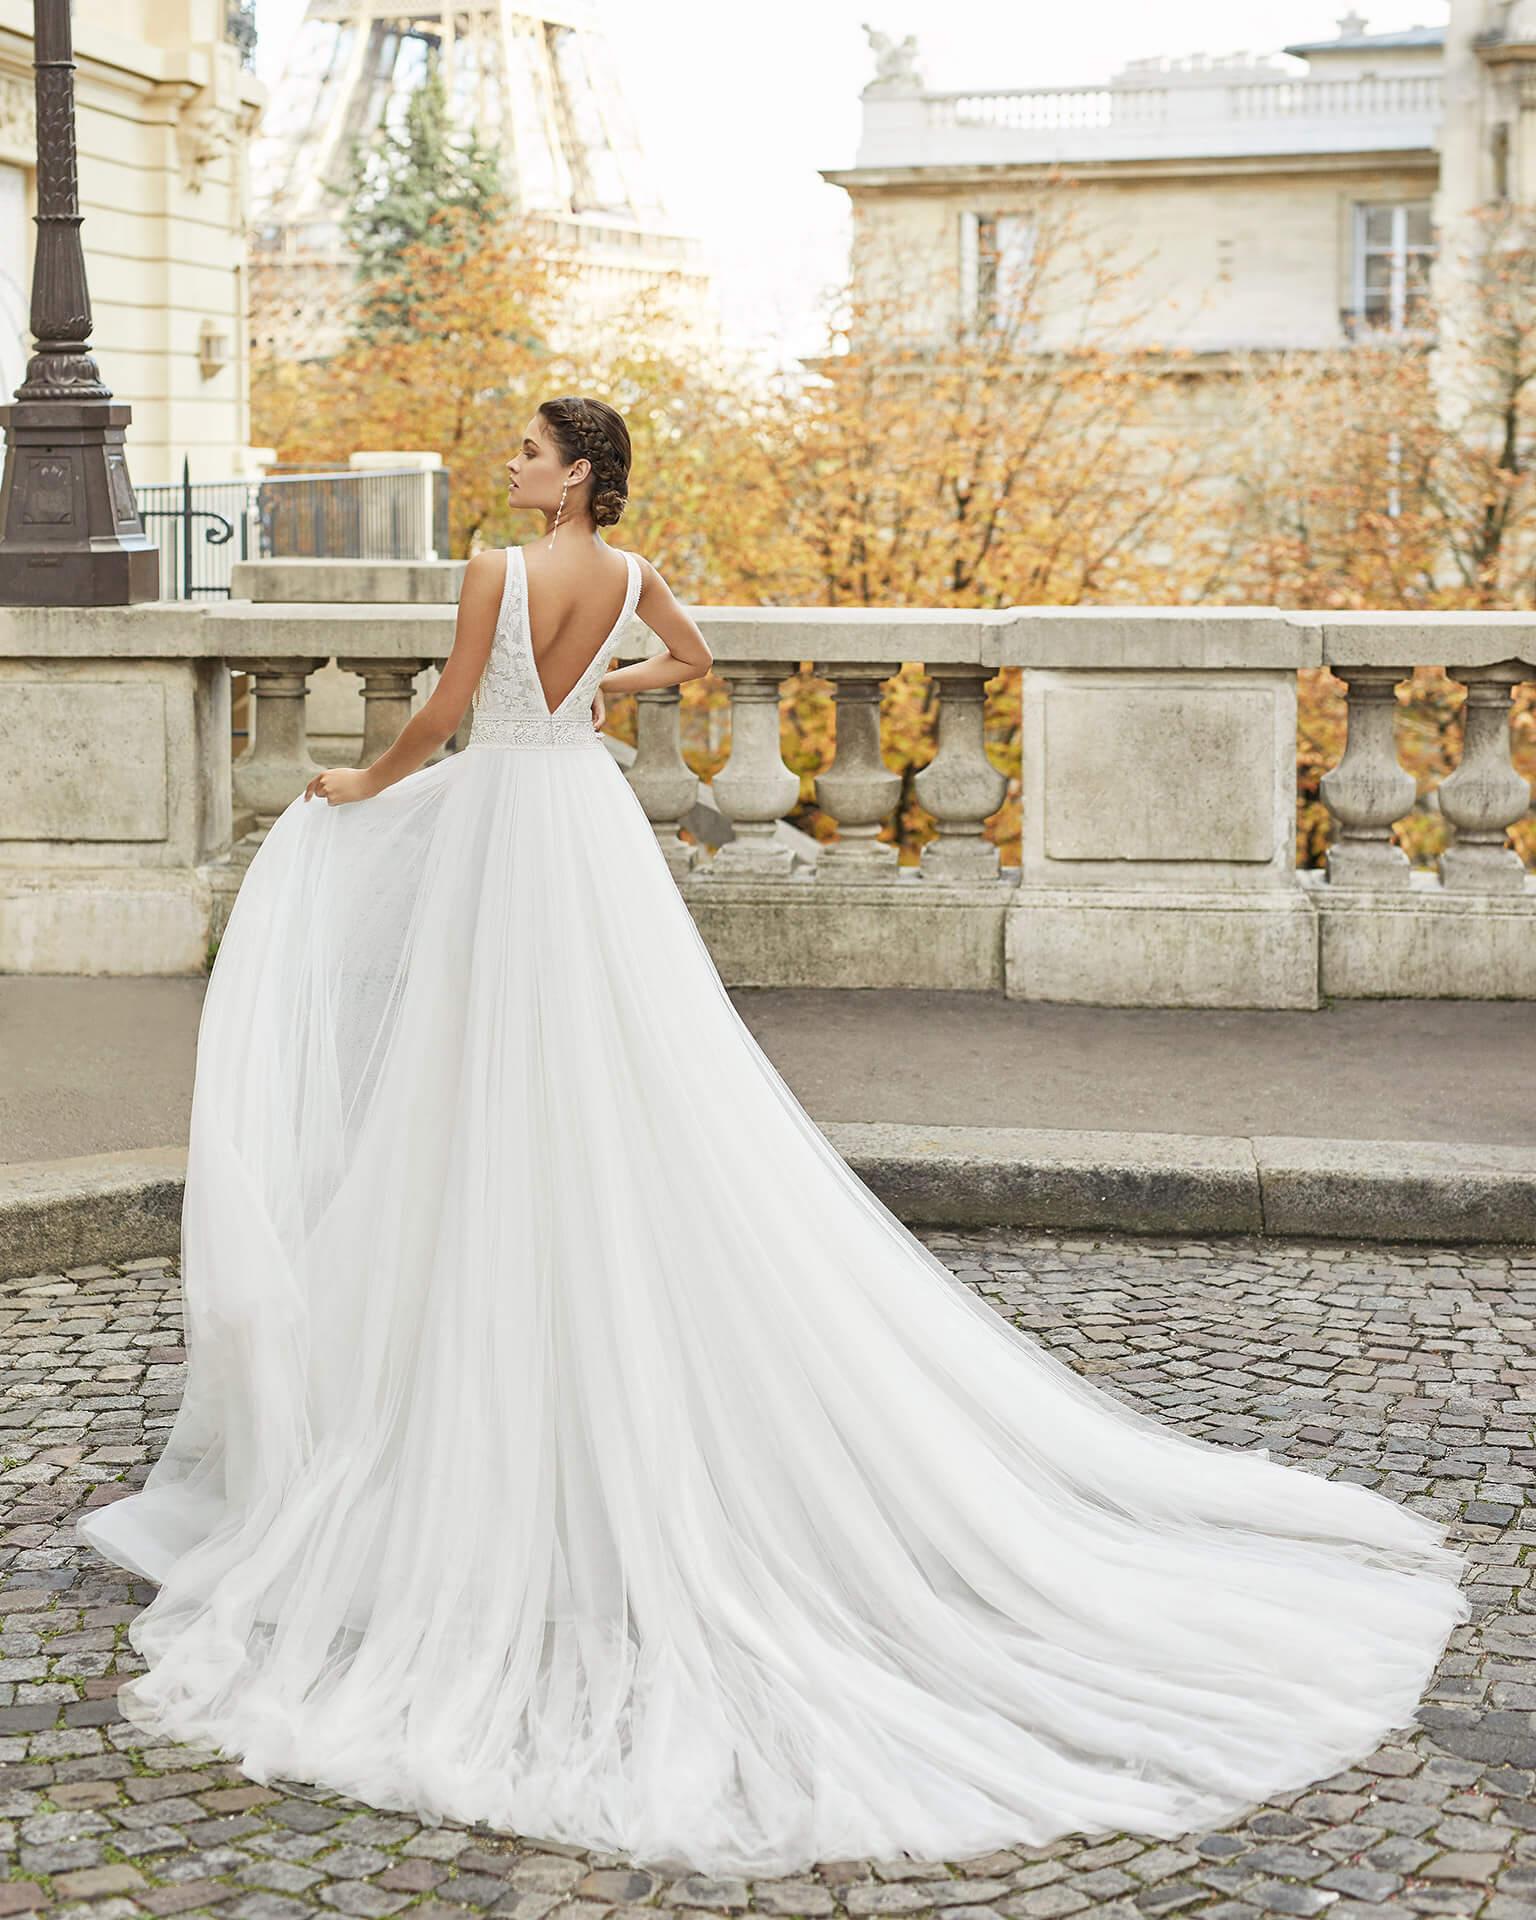 Braut in Brautkleid A-Linie Satin mit Träger ärmellos angewinkelter Arm Rückenansicht auf einer Brücke